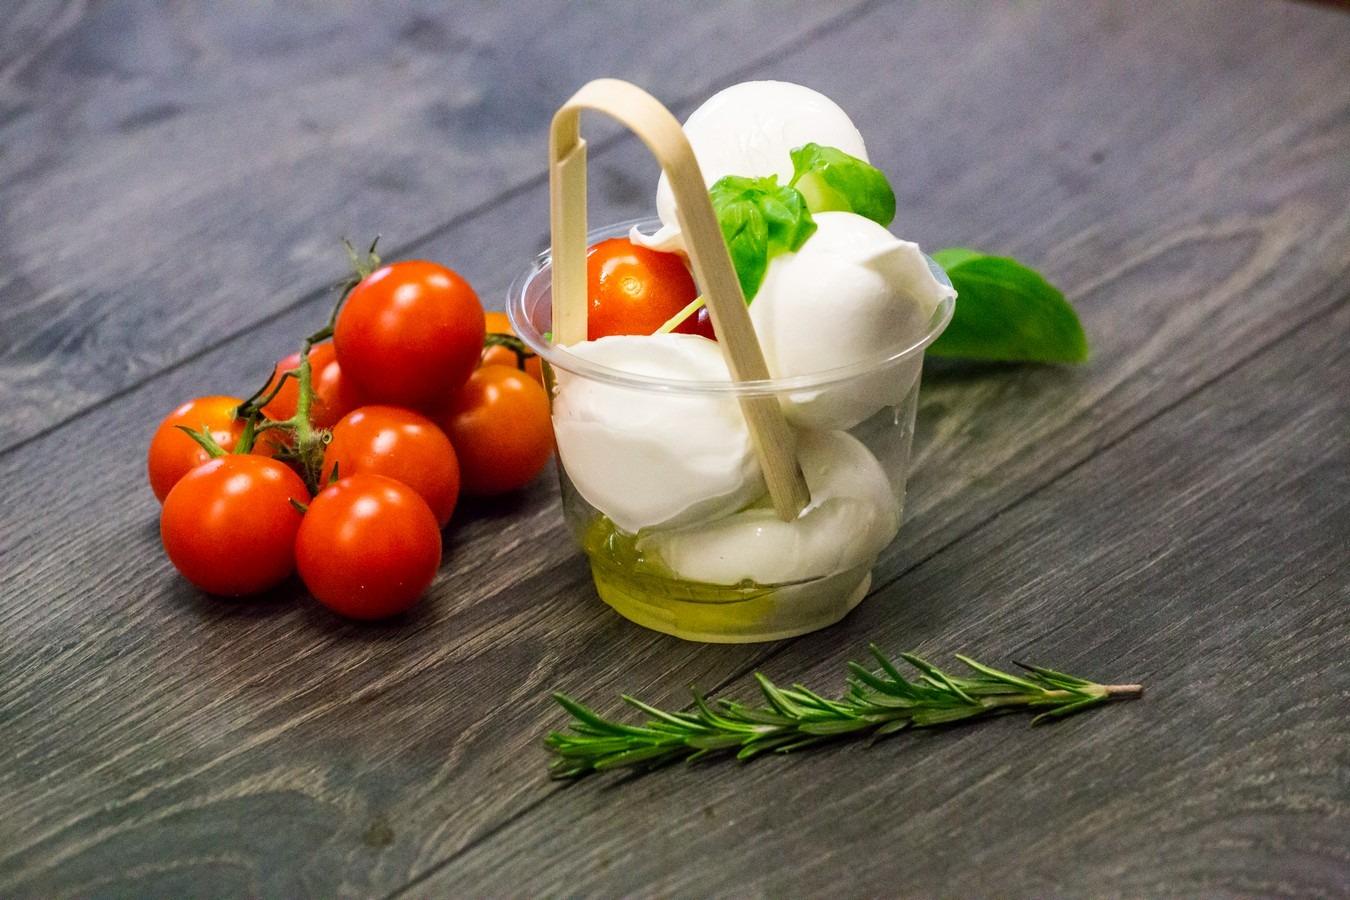 Coppetta Pinsarella: Buffalo mozzarellas Extra virgin olive oil cherry tomatoes